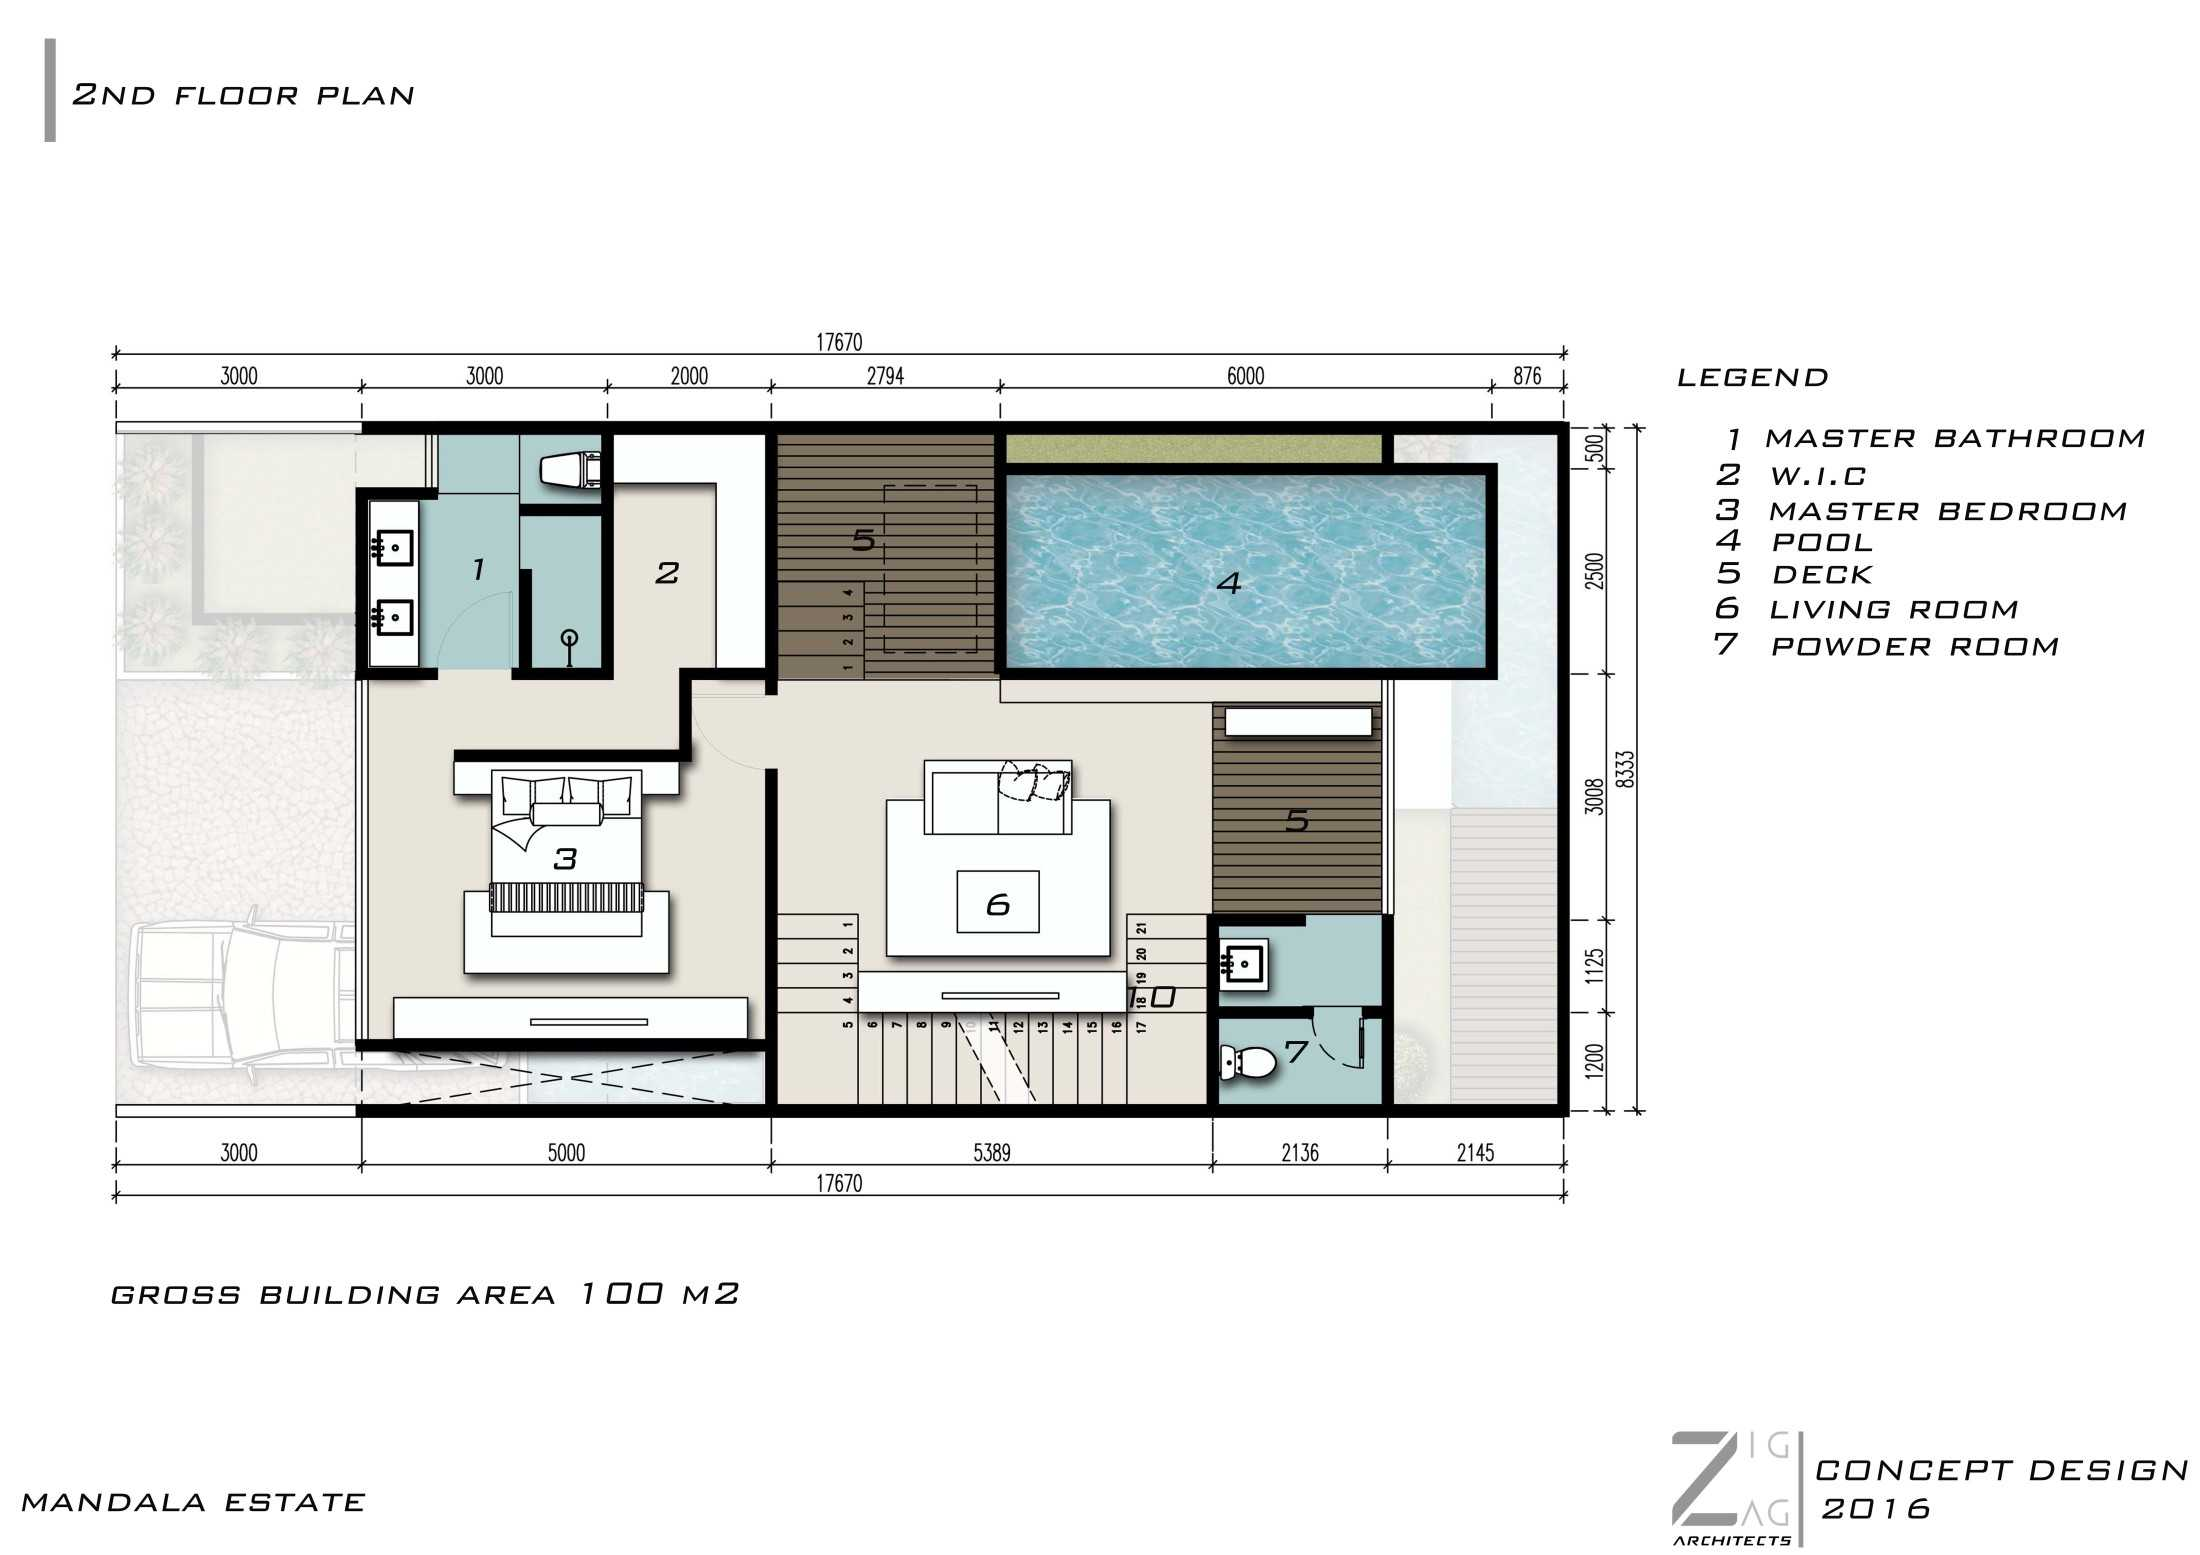 Zigzag Architecture Studio Mandala Estate Ubud, Kabupaten Gianyar, Bali, Indonesia Ubud, Kabupaten Gianyar, Bali, Indonesia Zigzag-Architecture-Studio-Mandala-Estate  56157